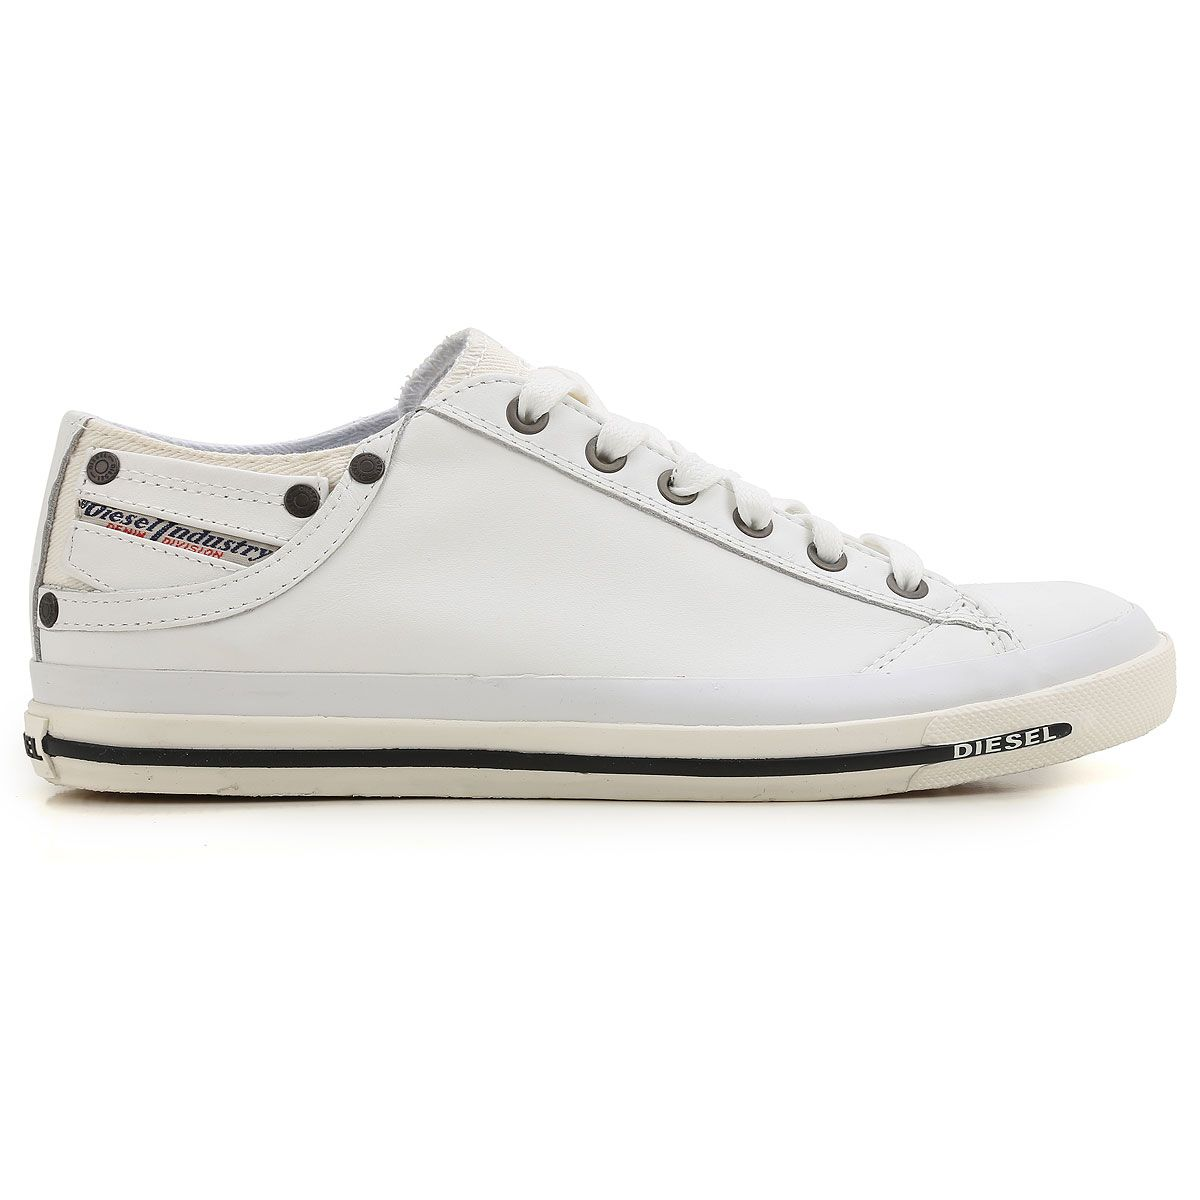 84cbc99d Ultima colección de Zapatos y Zapatillas Diesel, botas y mocasines Diesel  para Hombres, ofertas y promociones especiales, envios a todo el mundo